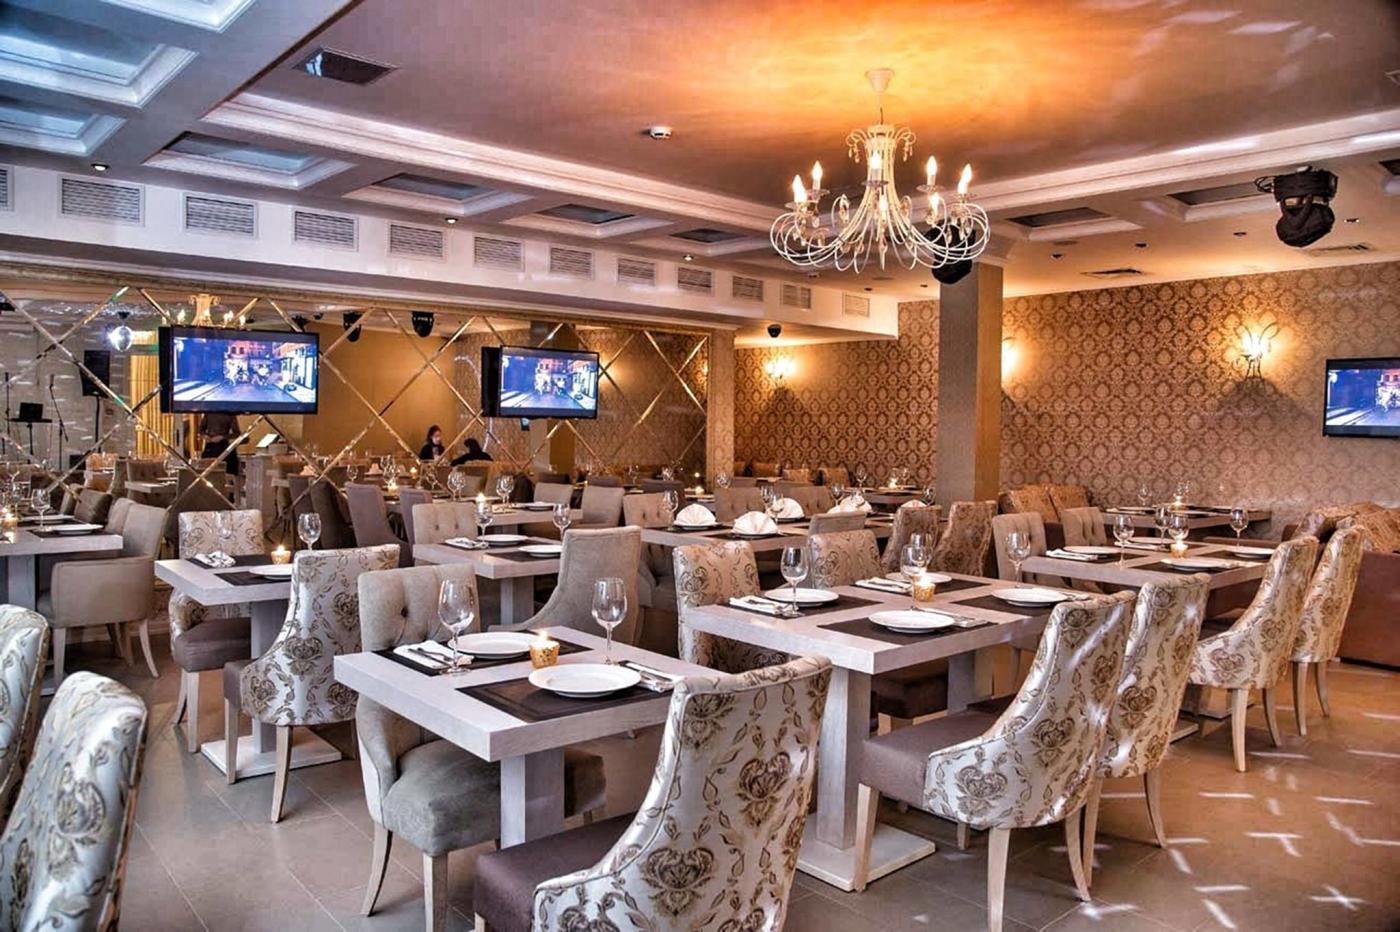 Ресторан Иберия Хаус на Таганке (Марксистская / Воронцовская улица) фото 1